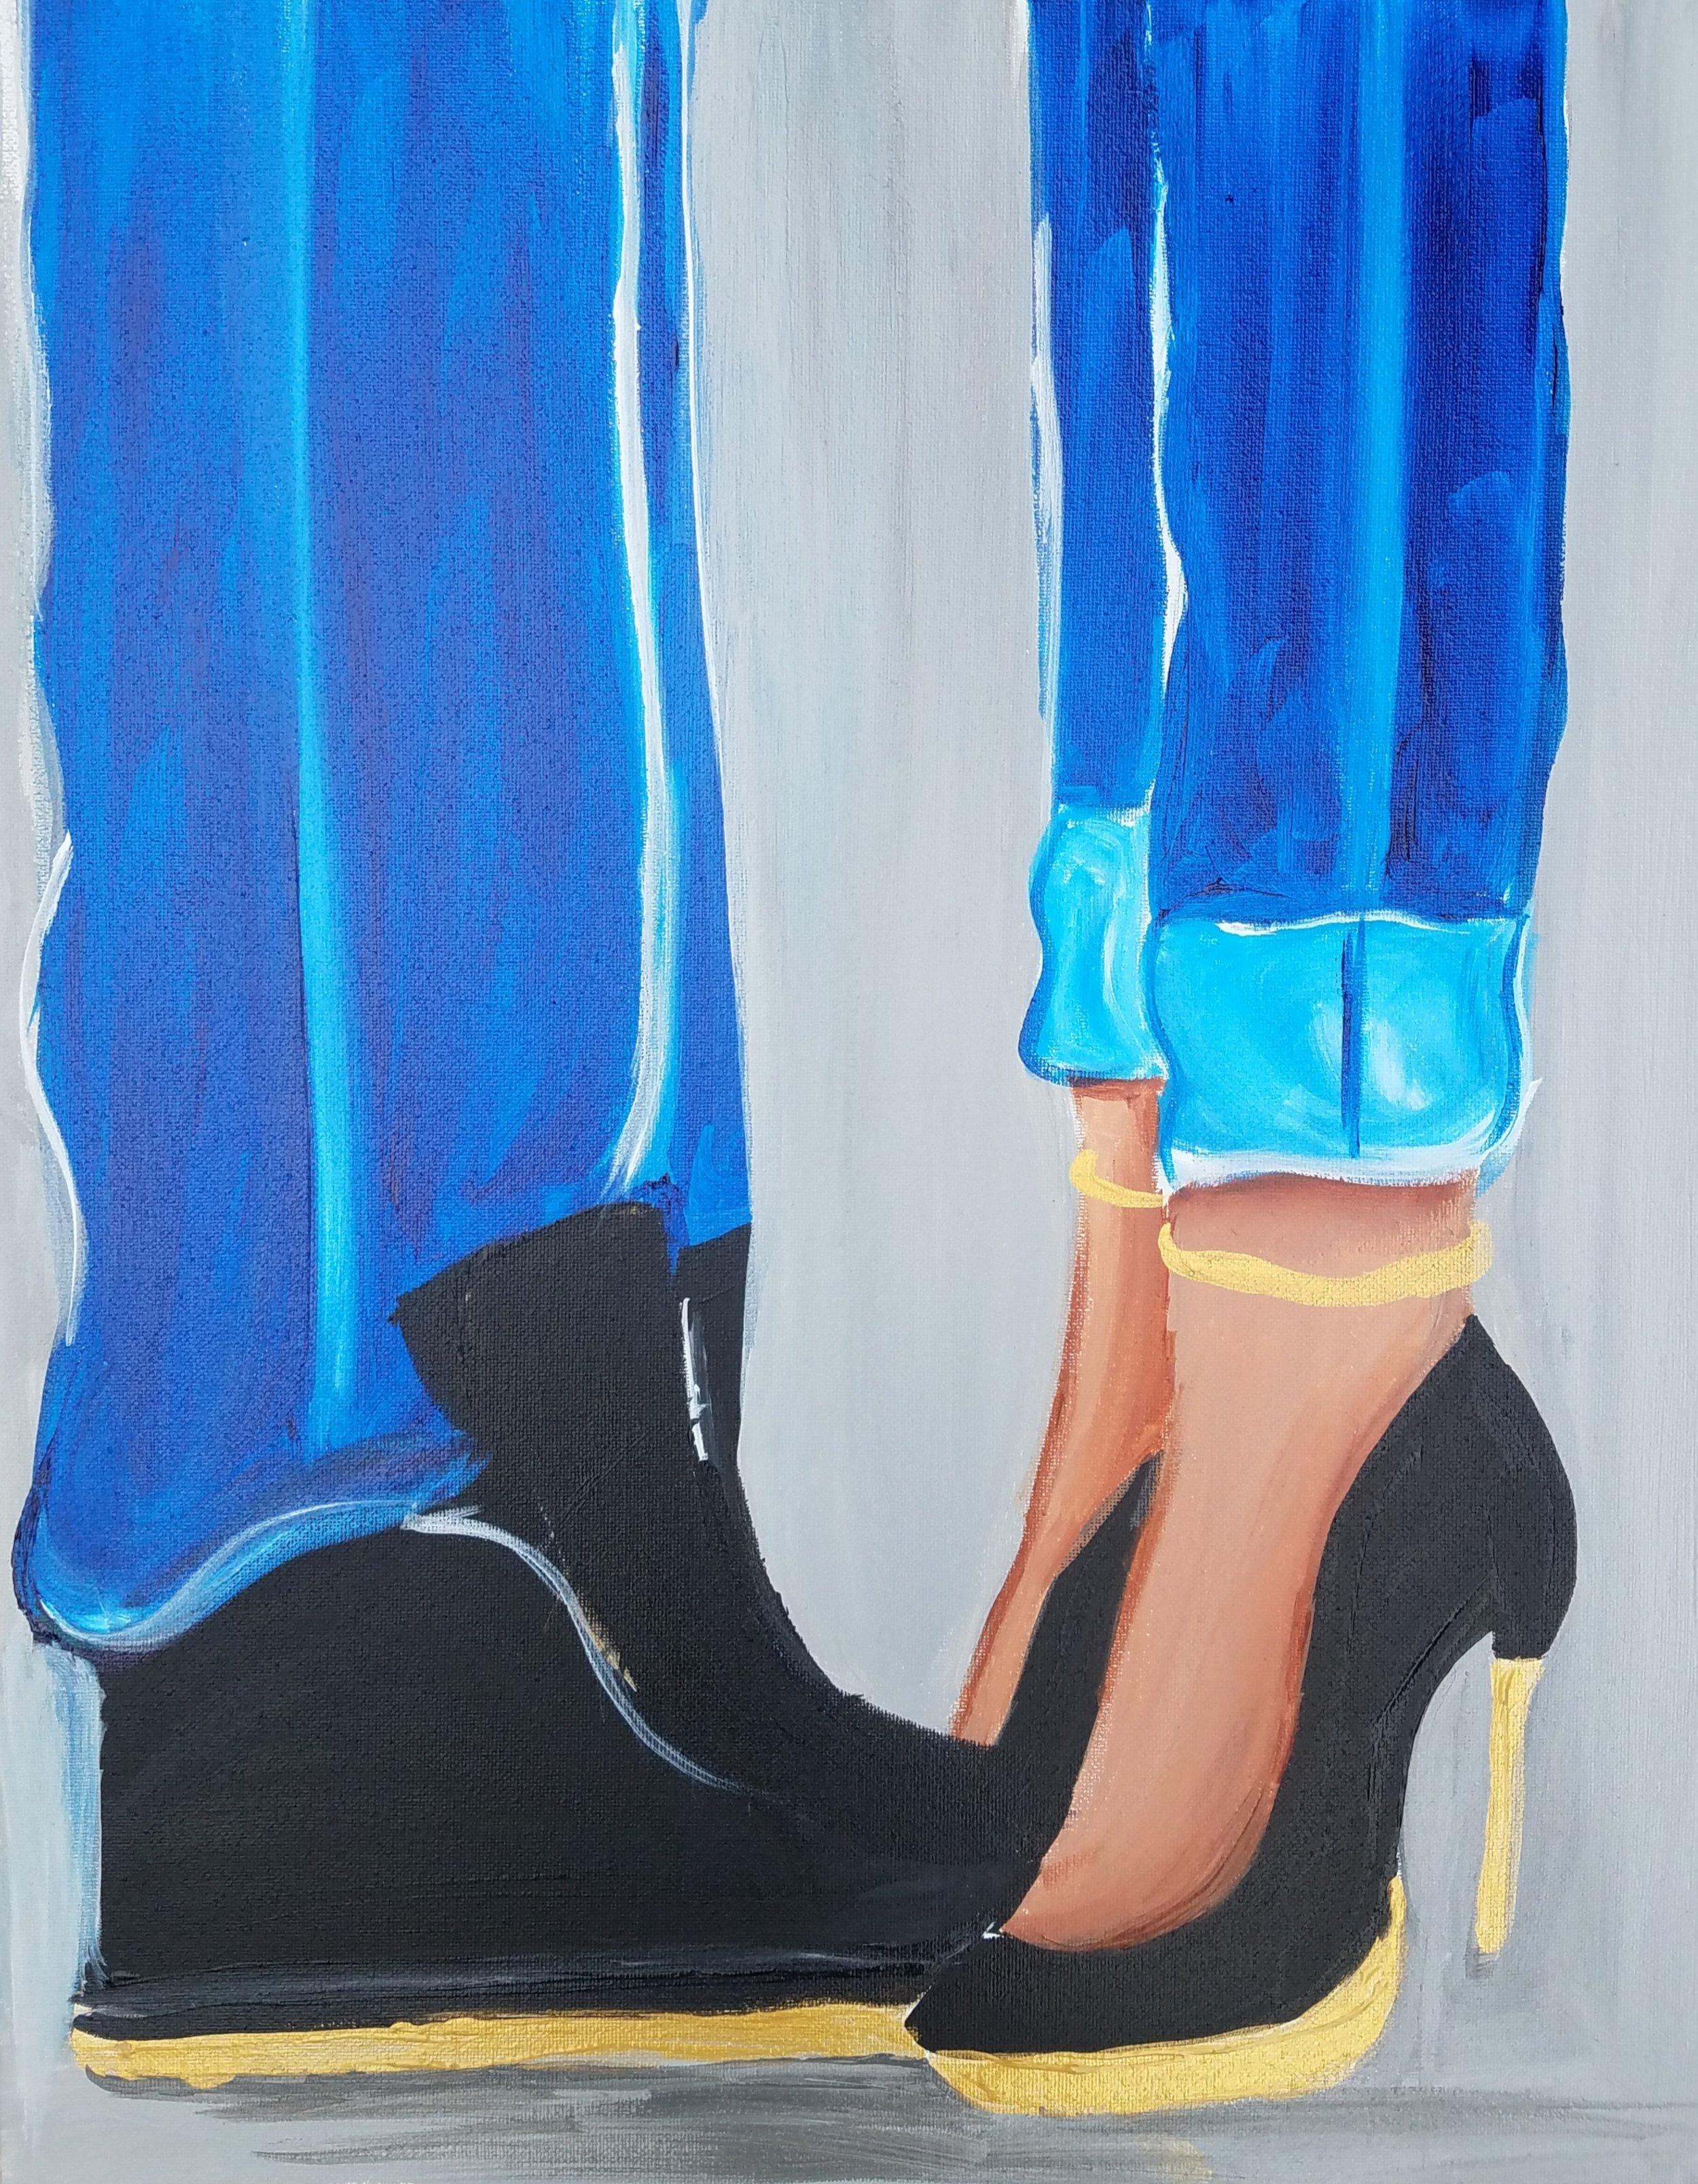 October 13th @ 7pm - Instructor: Nina J | Artist: Nina J